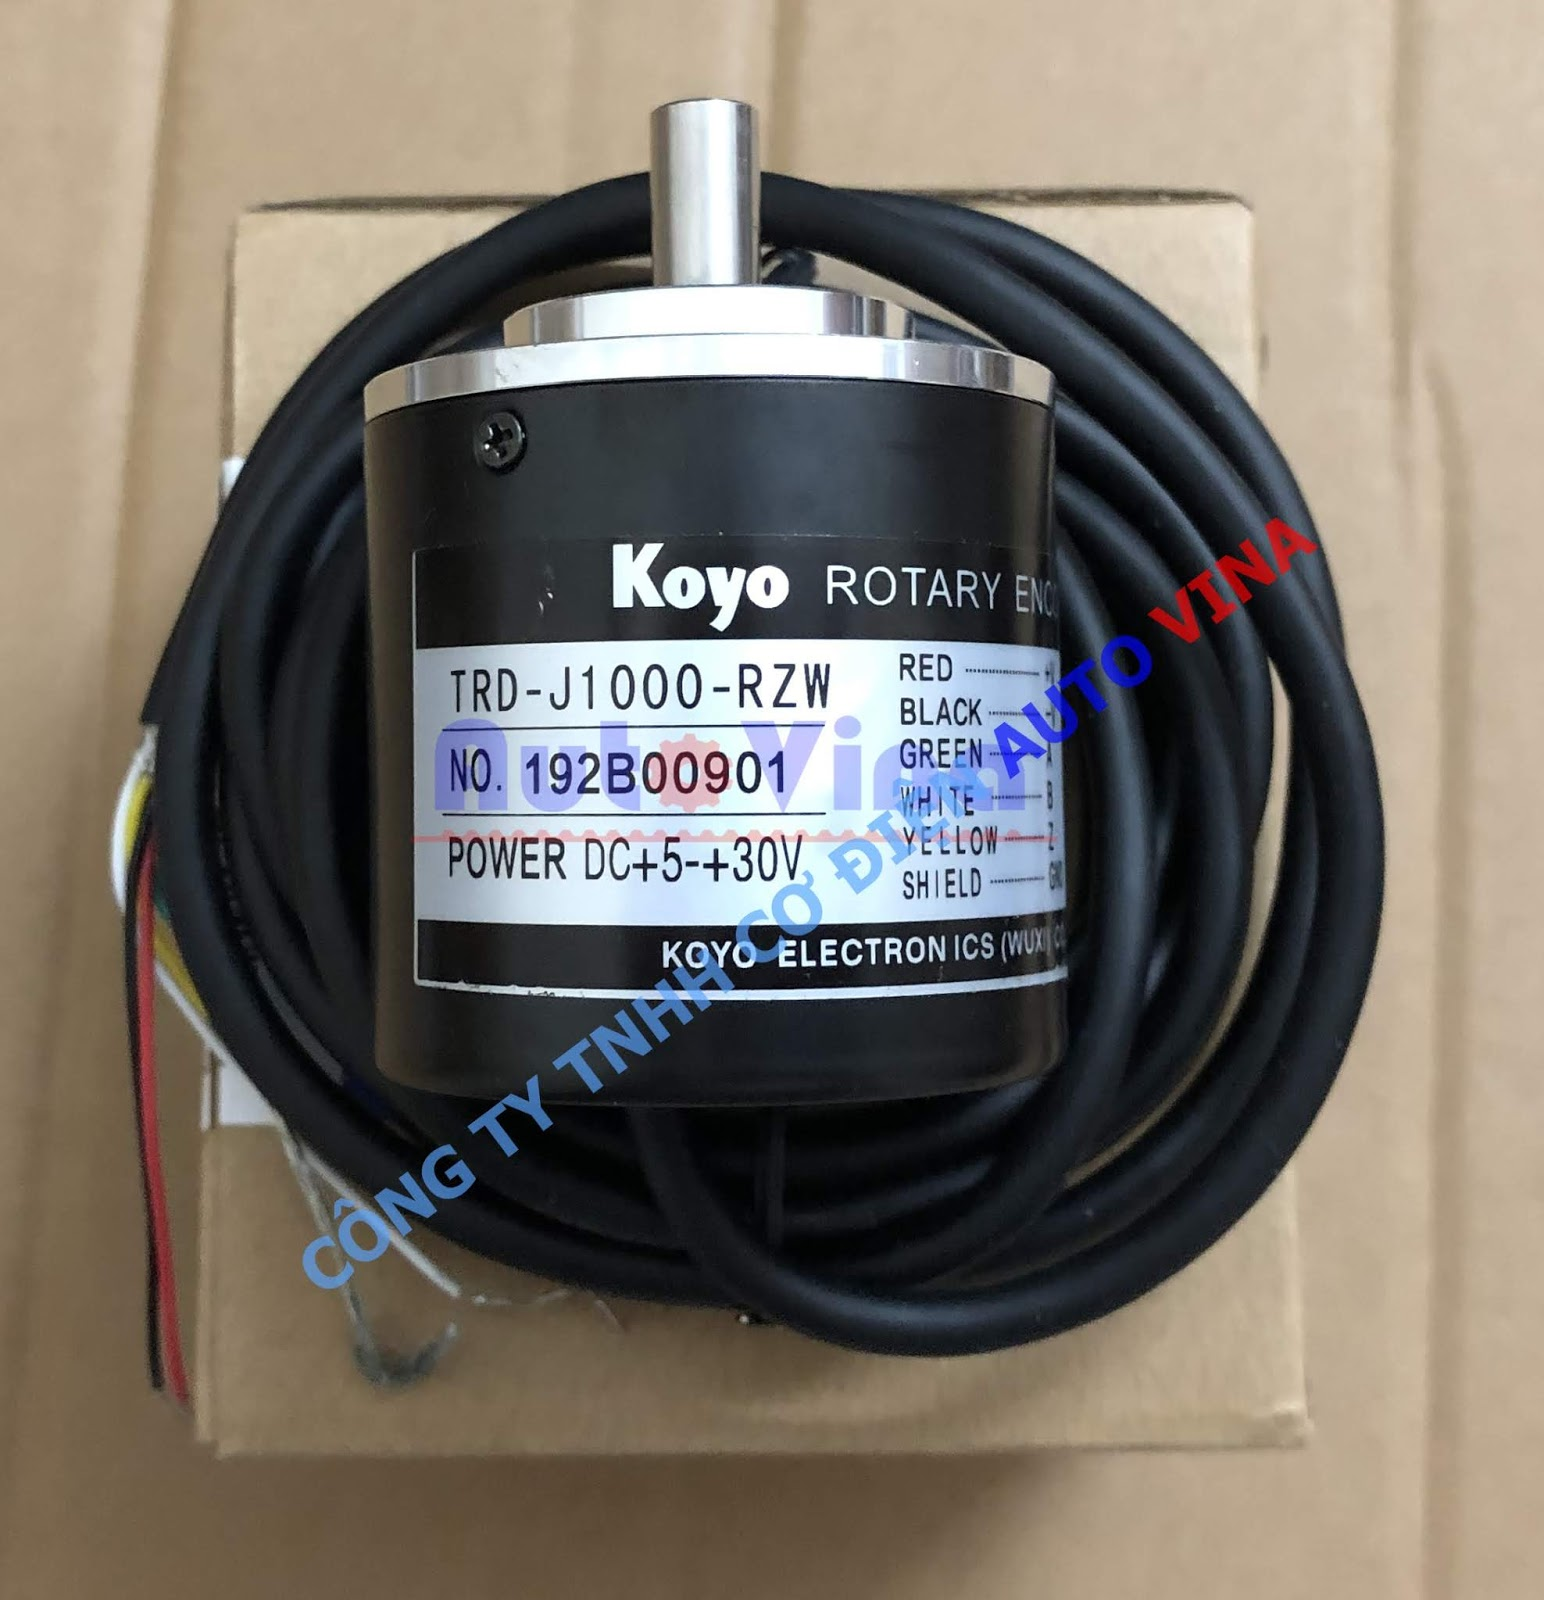 Đại lý bán Encoder Koyo TRD-J1000-RZW, công ty phân phối các loại Encoder hãng Koyo tại Việt Nam